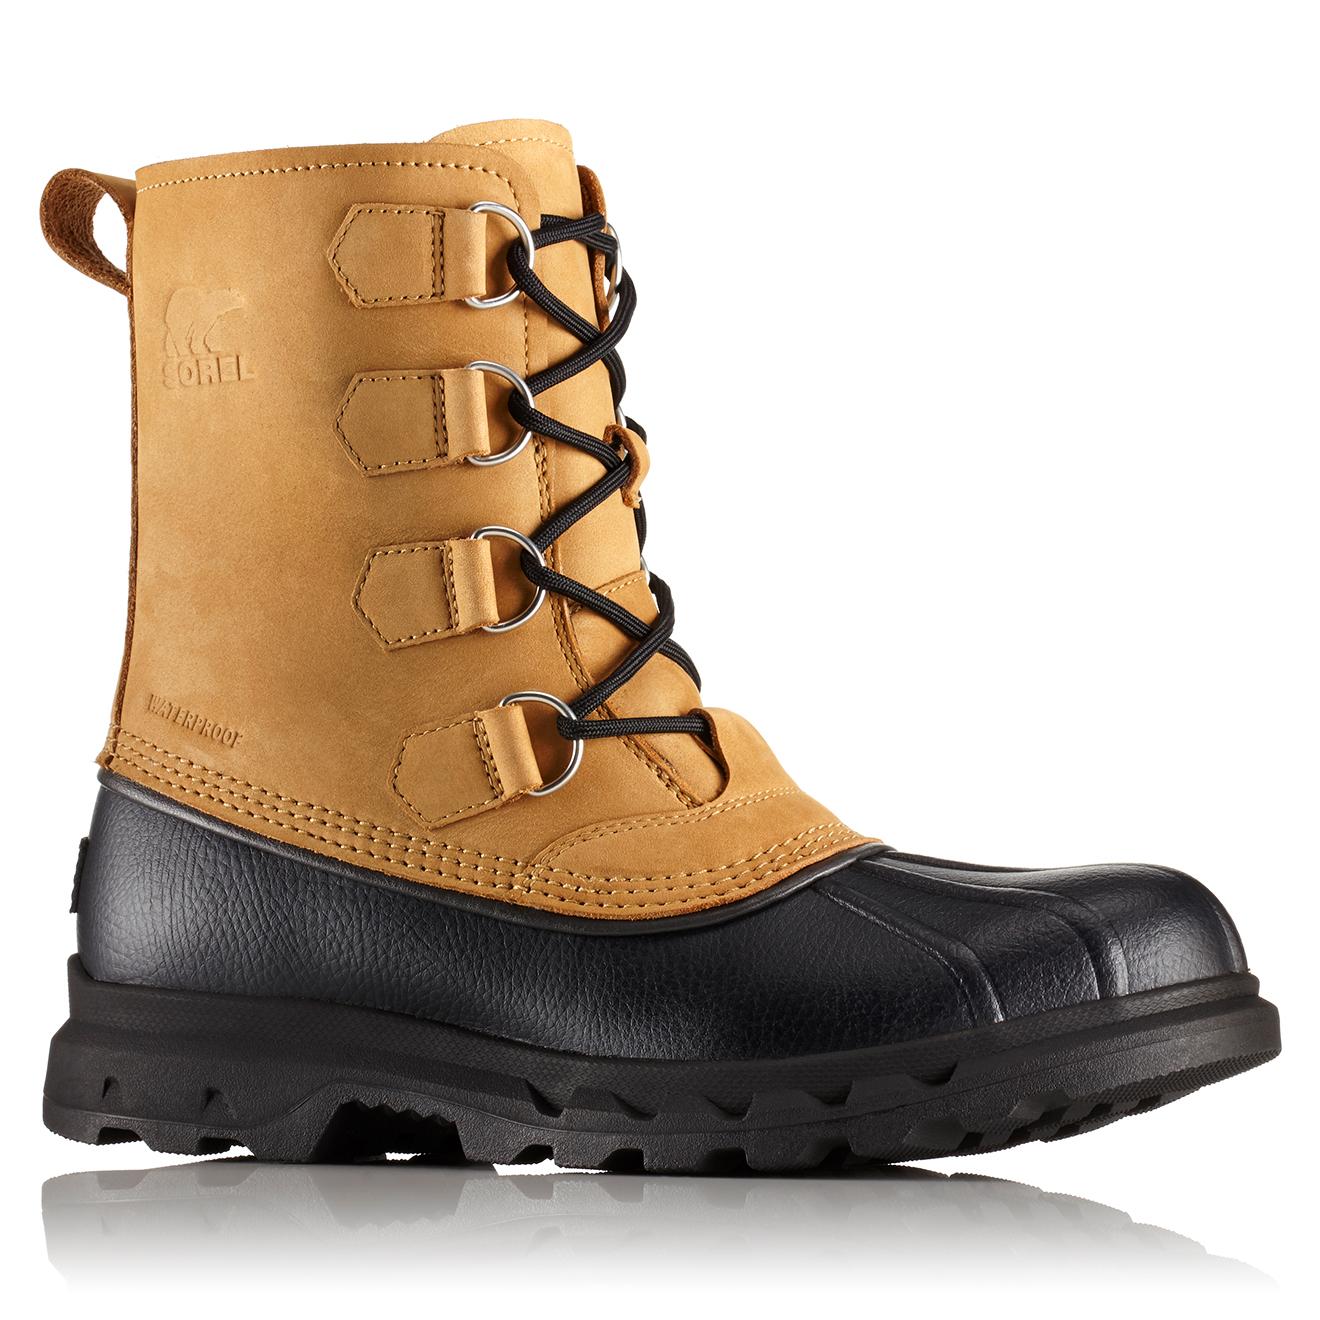 Boots de pluie imperméables en Velours de Cuir Portzman Classic beige/noir - Sorel - Modalova